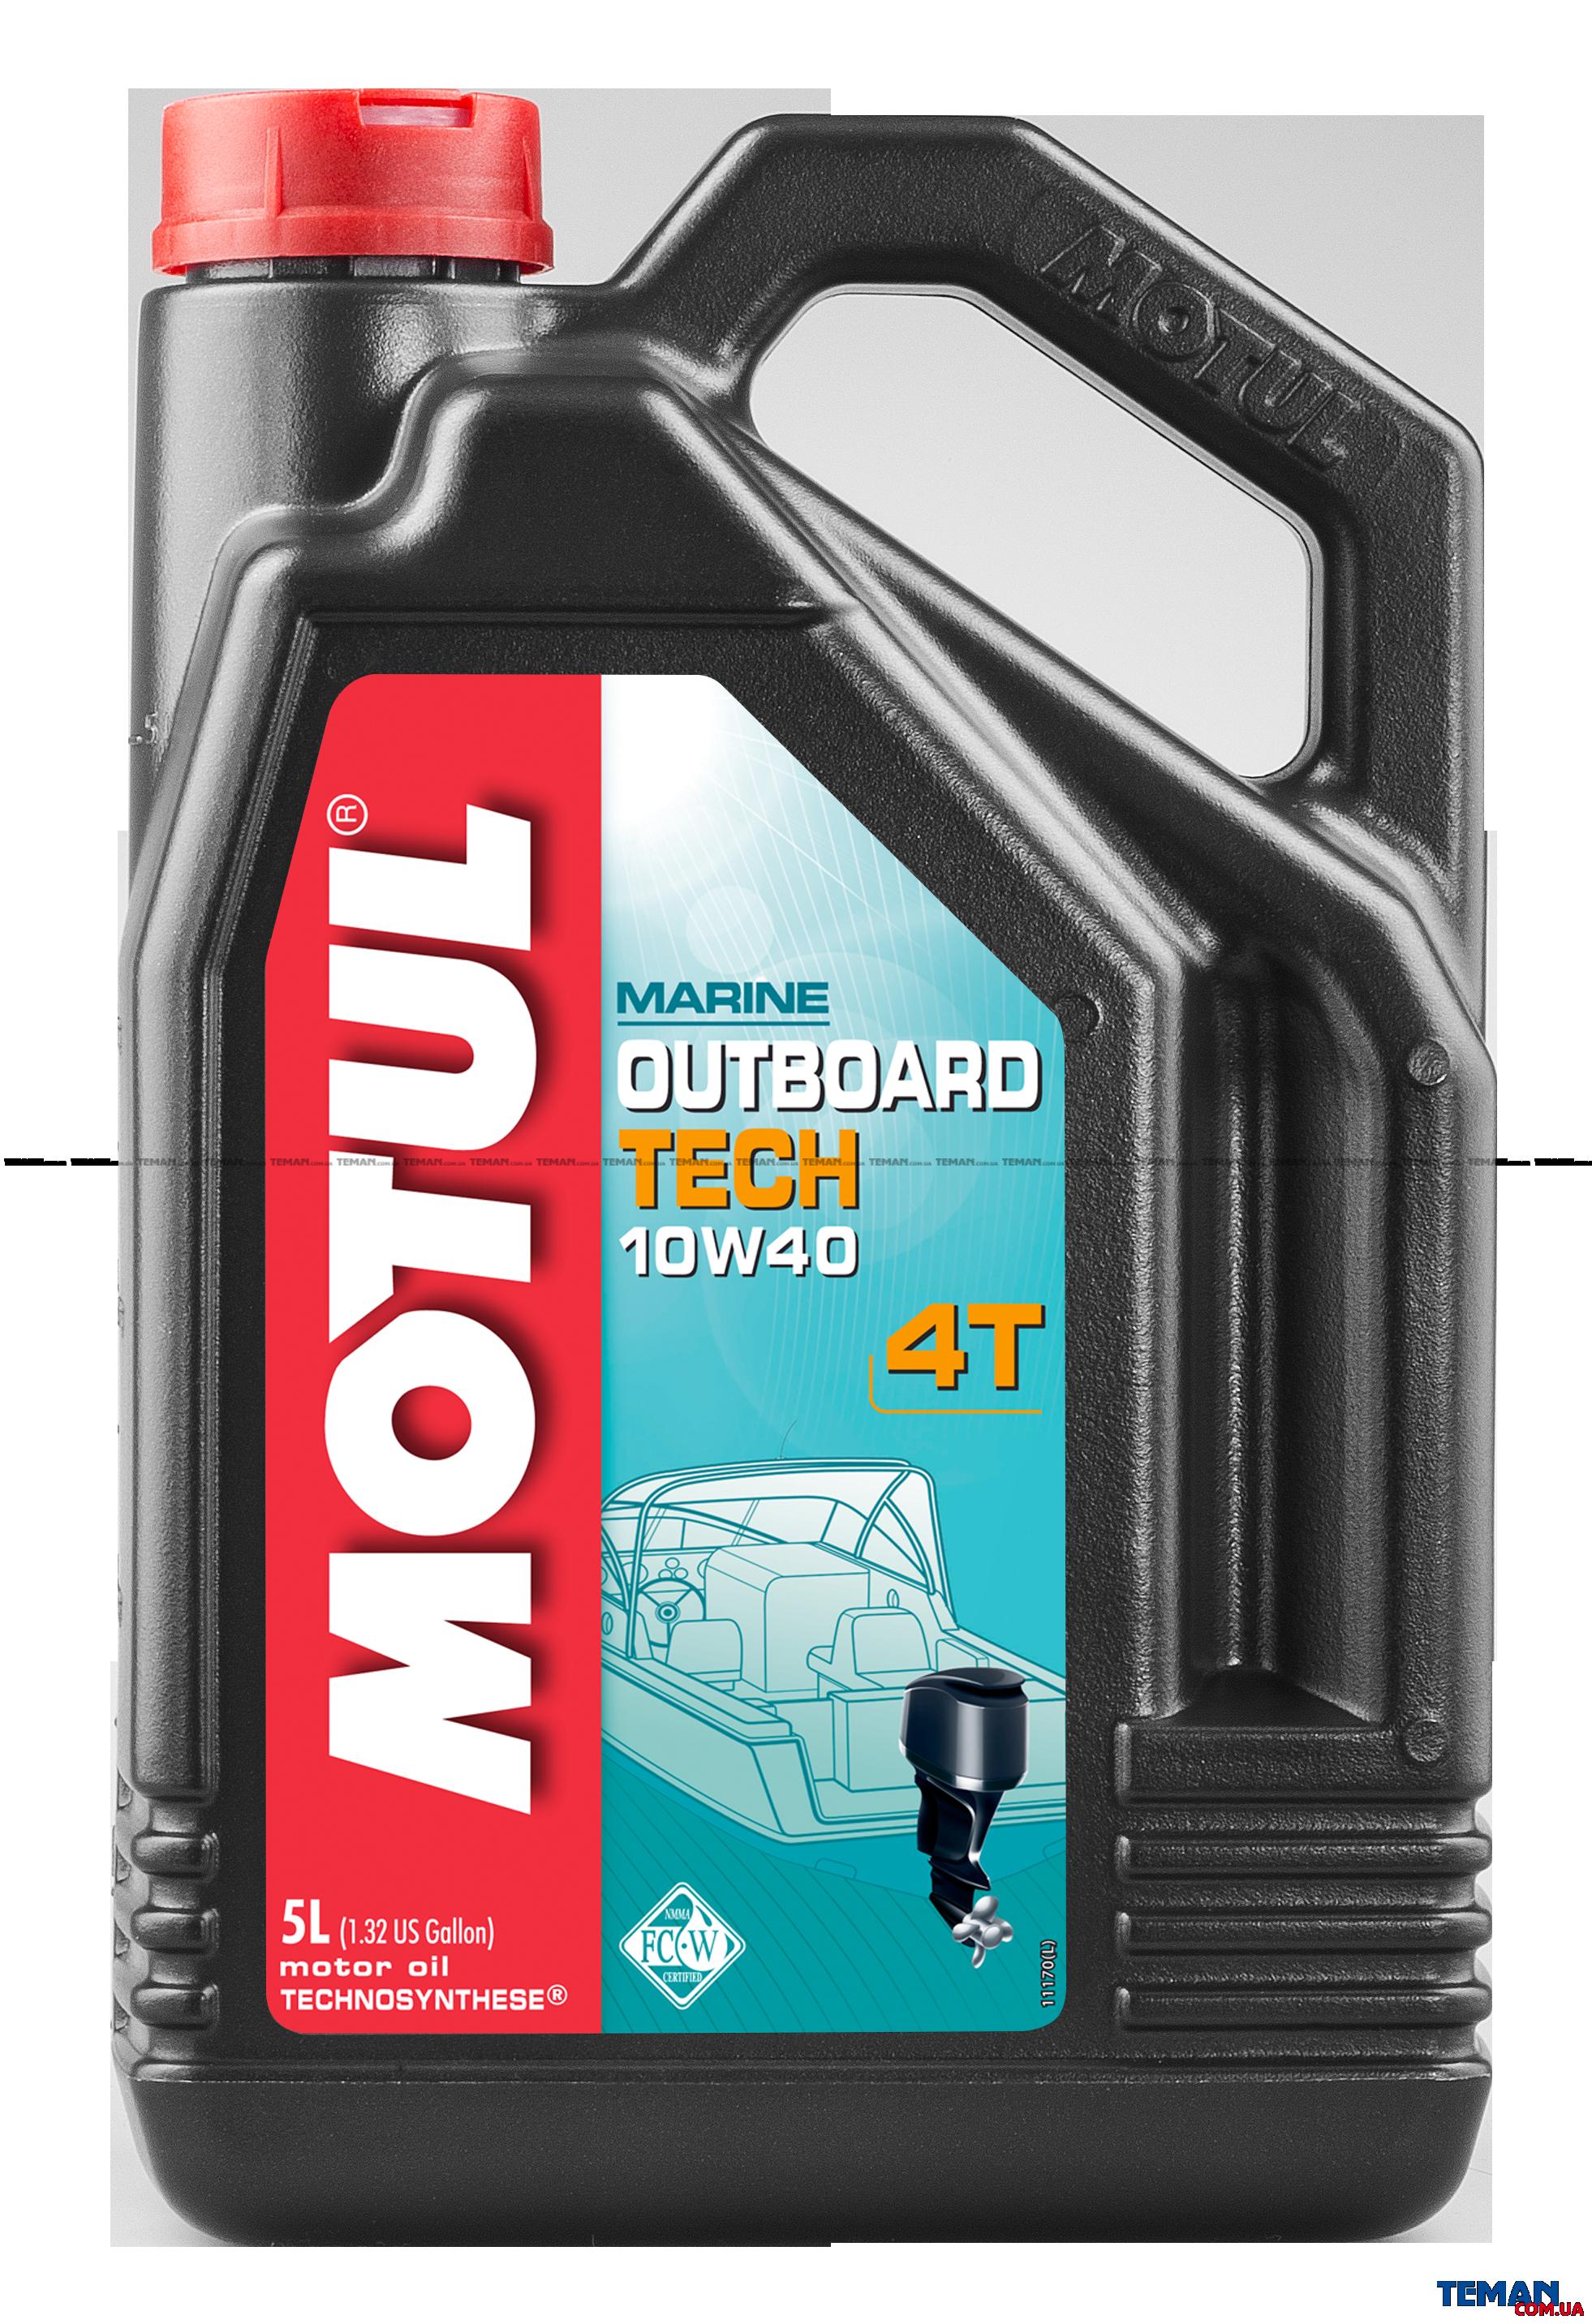 Масло для 4-х тактных бензиновых  двигателей Outboard Tech 4T SAE 10W40, 5 л